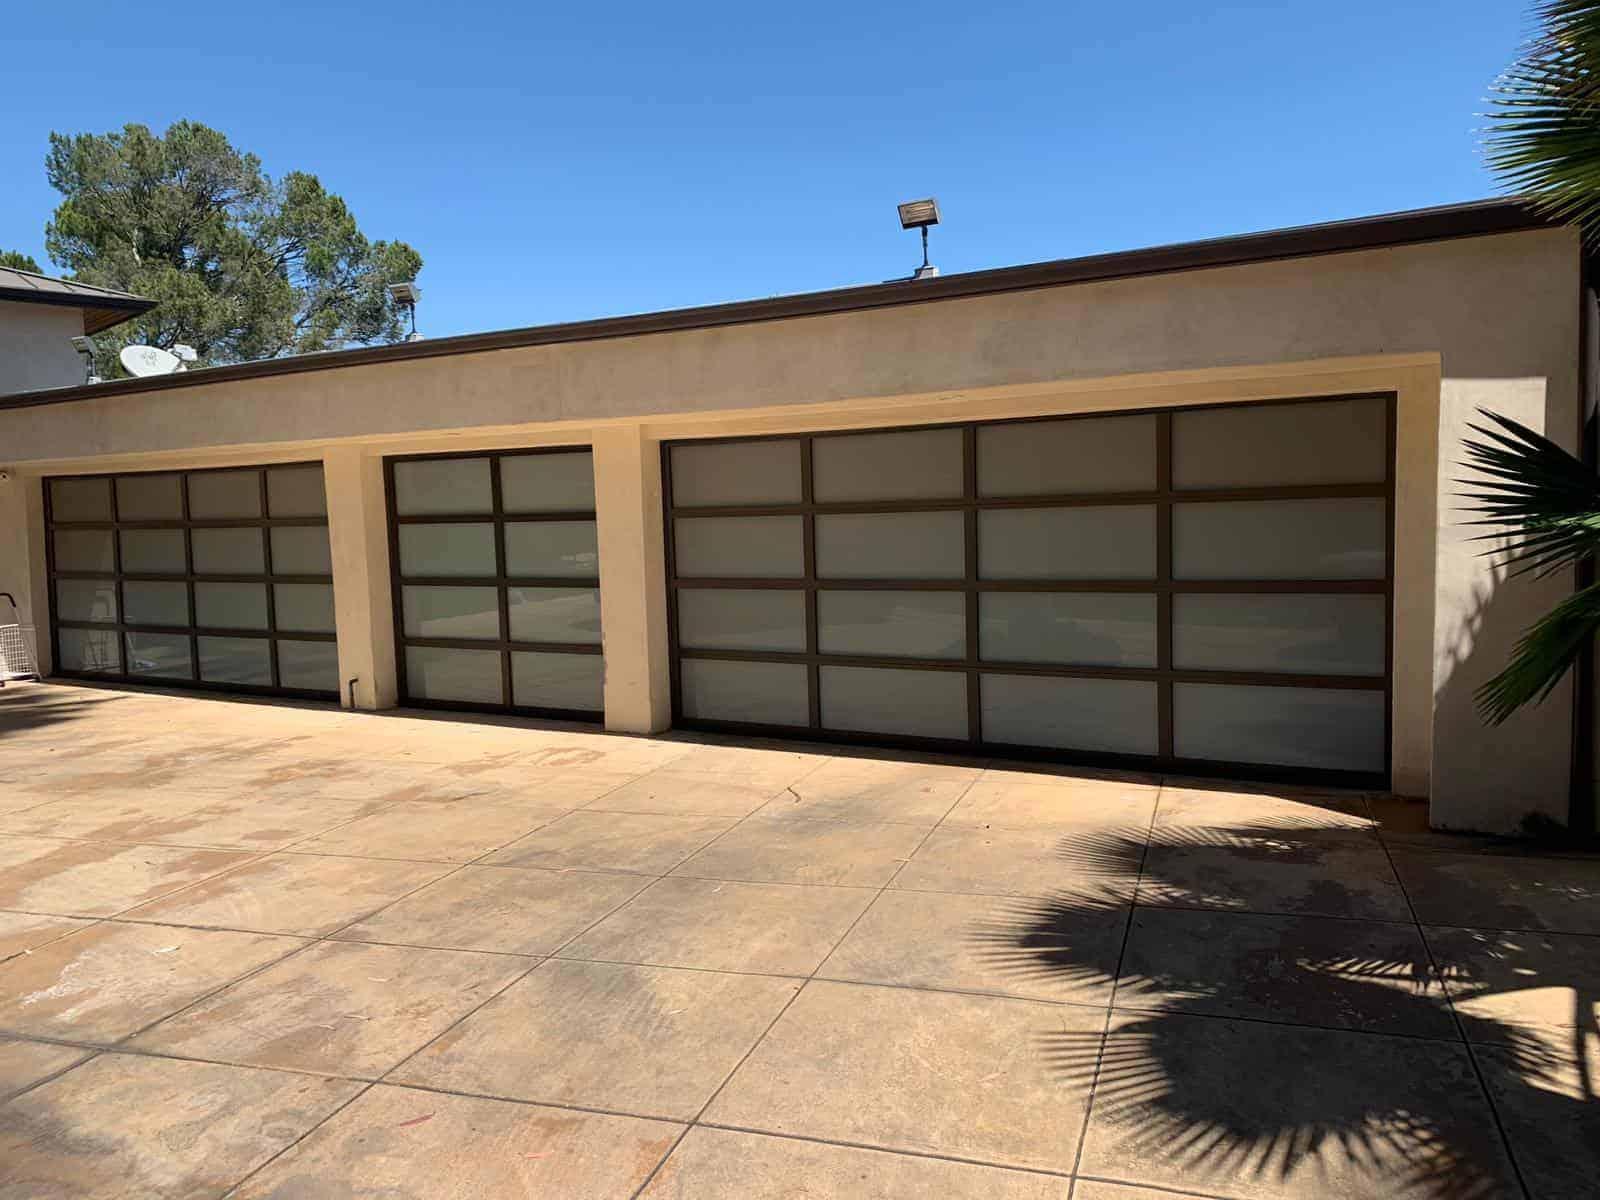 Clarksburg CA Garage Door Repair & Replacement